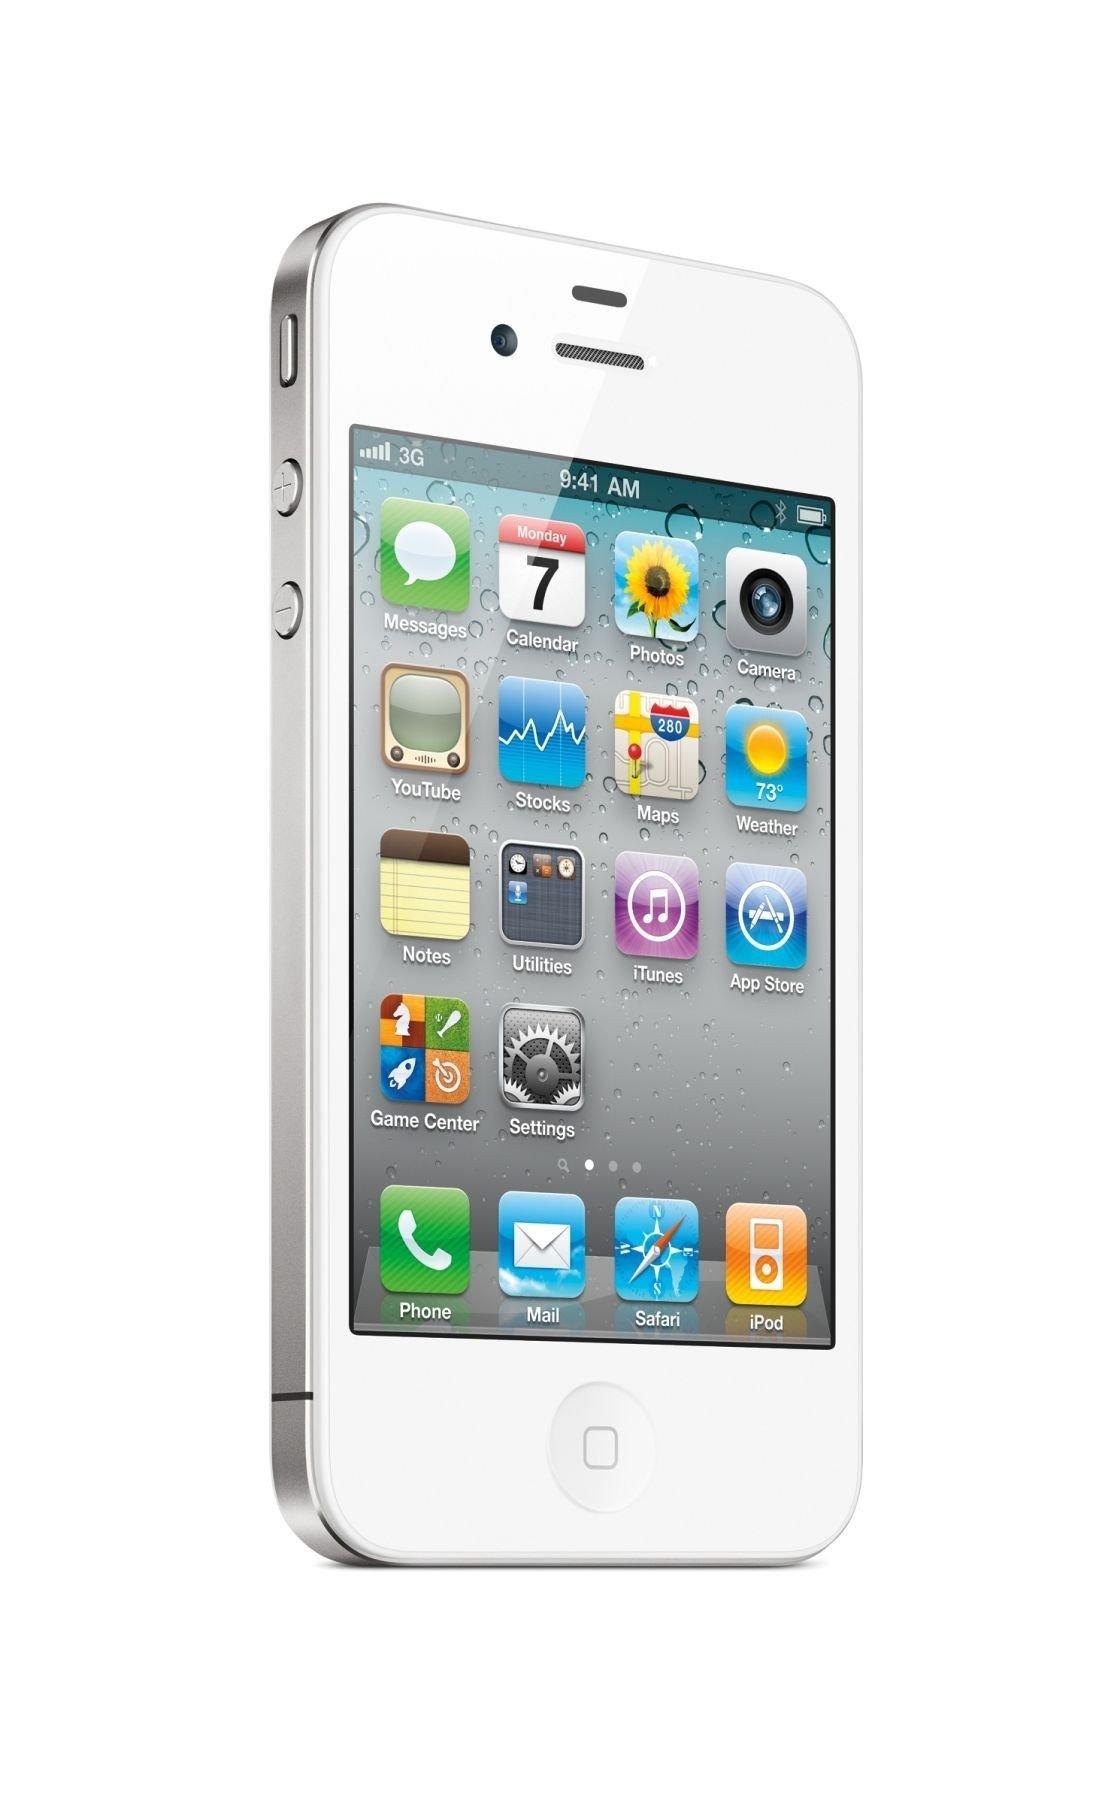 iOS5 blir tilgjengelig til høsten for iPhone 3GS og iPhone 4, begge iPad-utgavene og de to siste utgavene av iPod Touch.